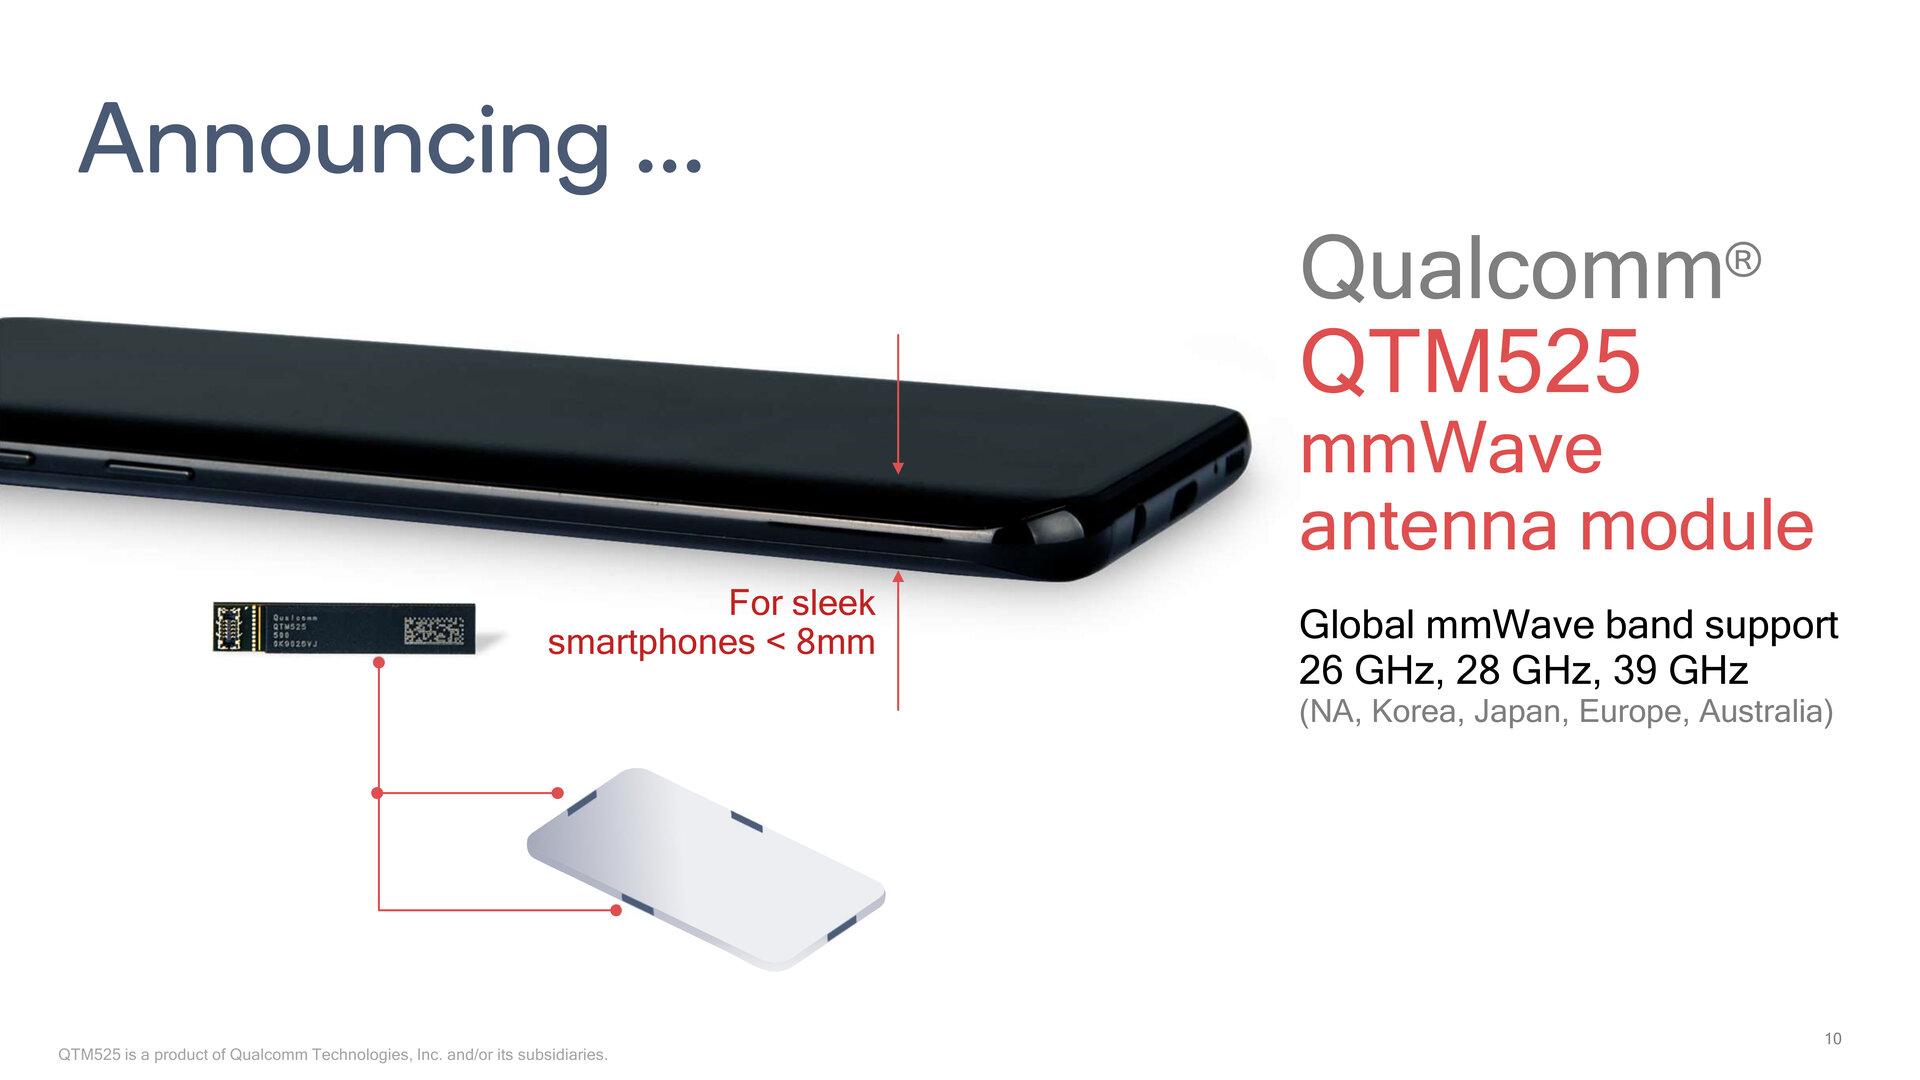 Das QTM525 ist Qualcomms bisher kleinstes mmWave-Antennenmodul